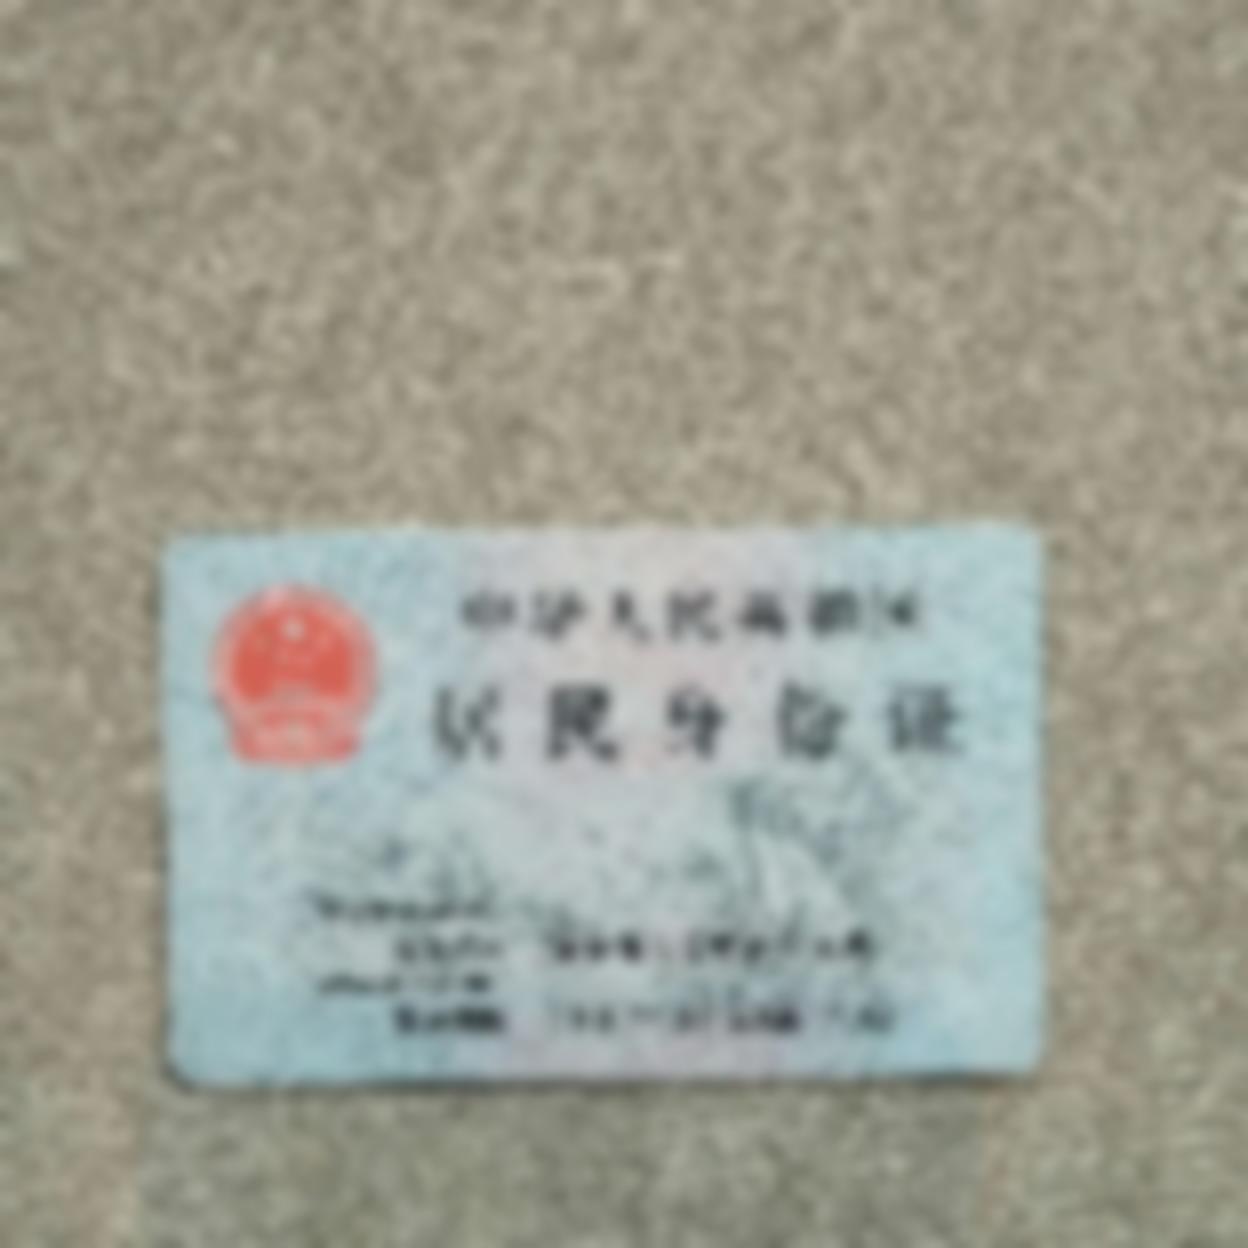 https://image.jql.cn/upload/images/20190600115/borrow_201906111560218656596.jpg